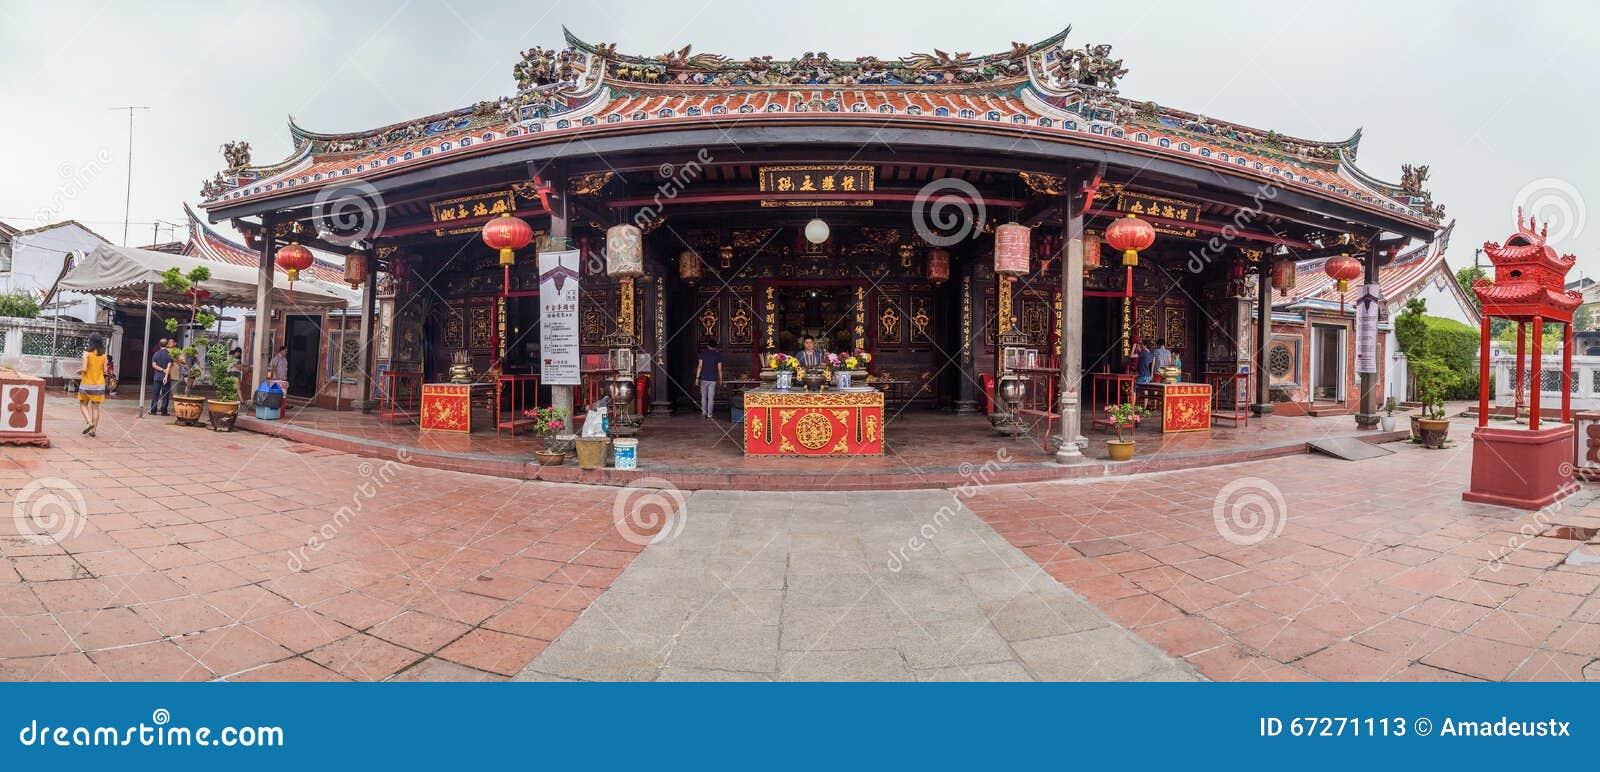 乔治城,槟榔岛/马来西亚-大约2015年10月:城Hoon滕国中国佛教寺庙全景在乔治城,槟榔岛